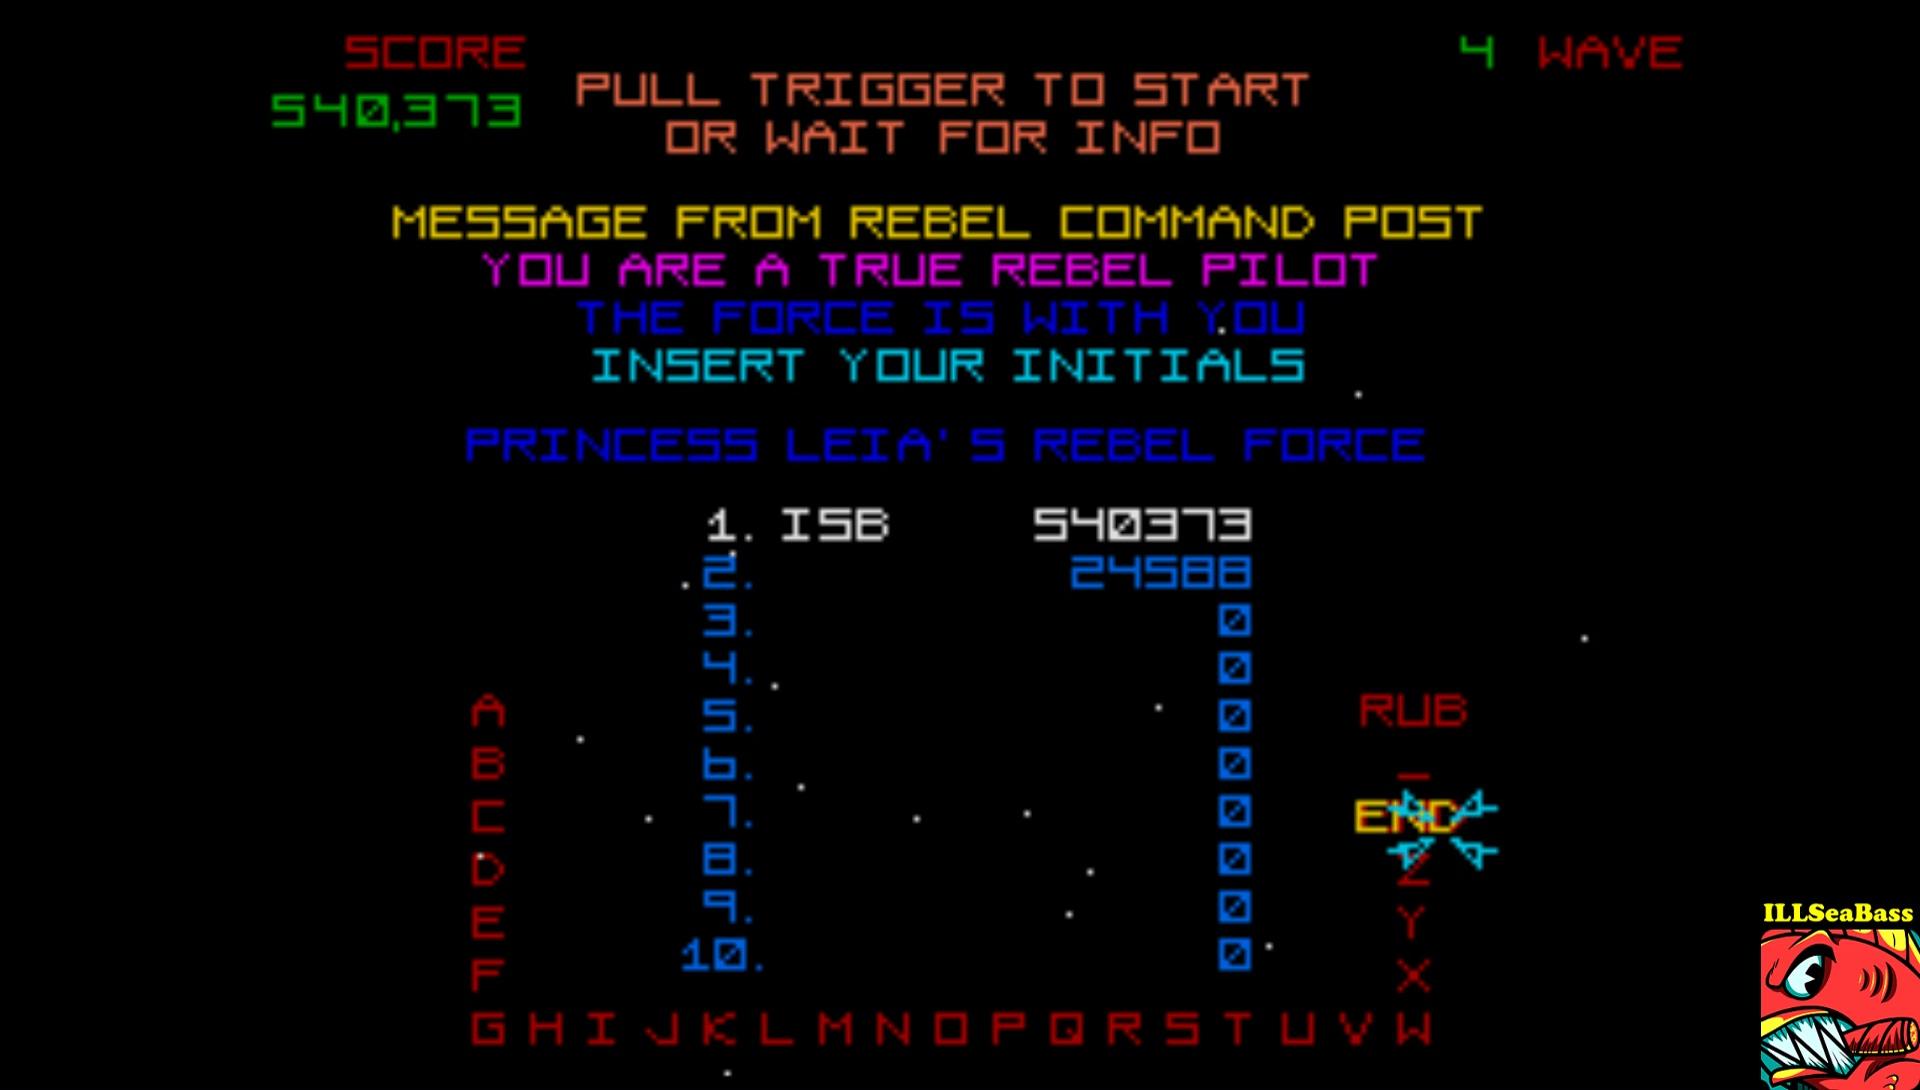 ILLSeaBass: Star Wars [Wave 3: Medium] (Atari ST Emulated) 540,373 points on 2017-02-27 23:42:05